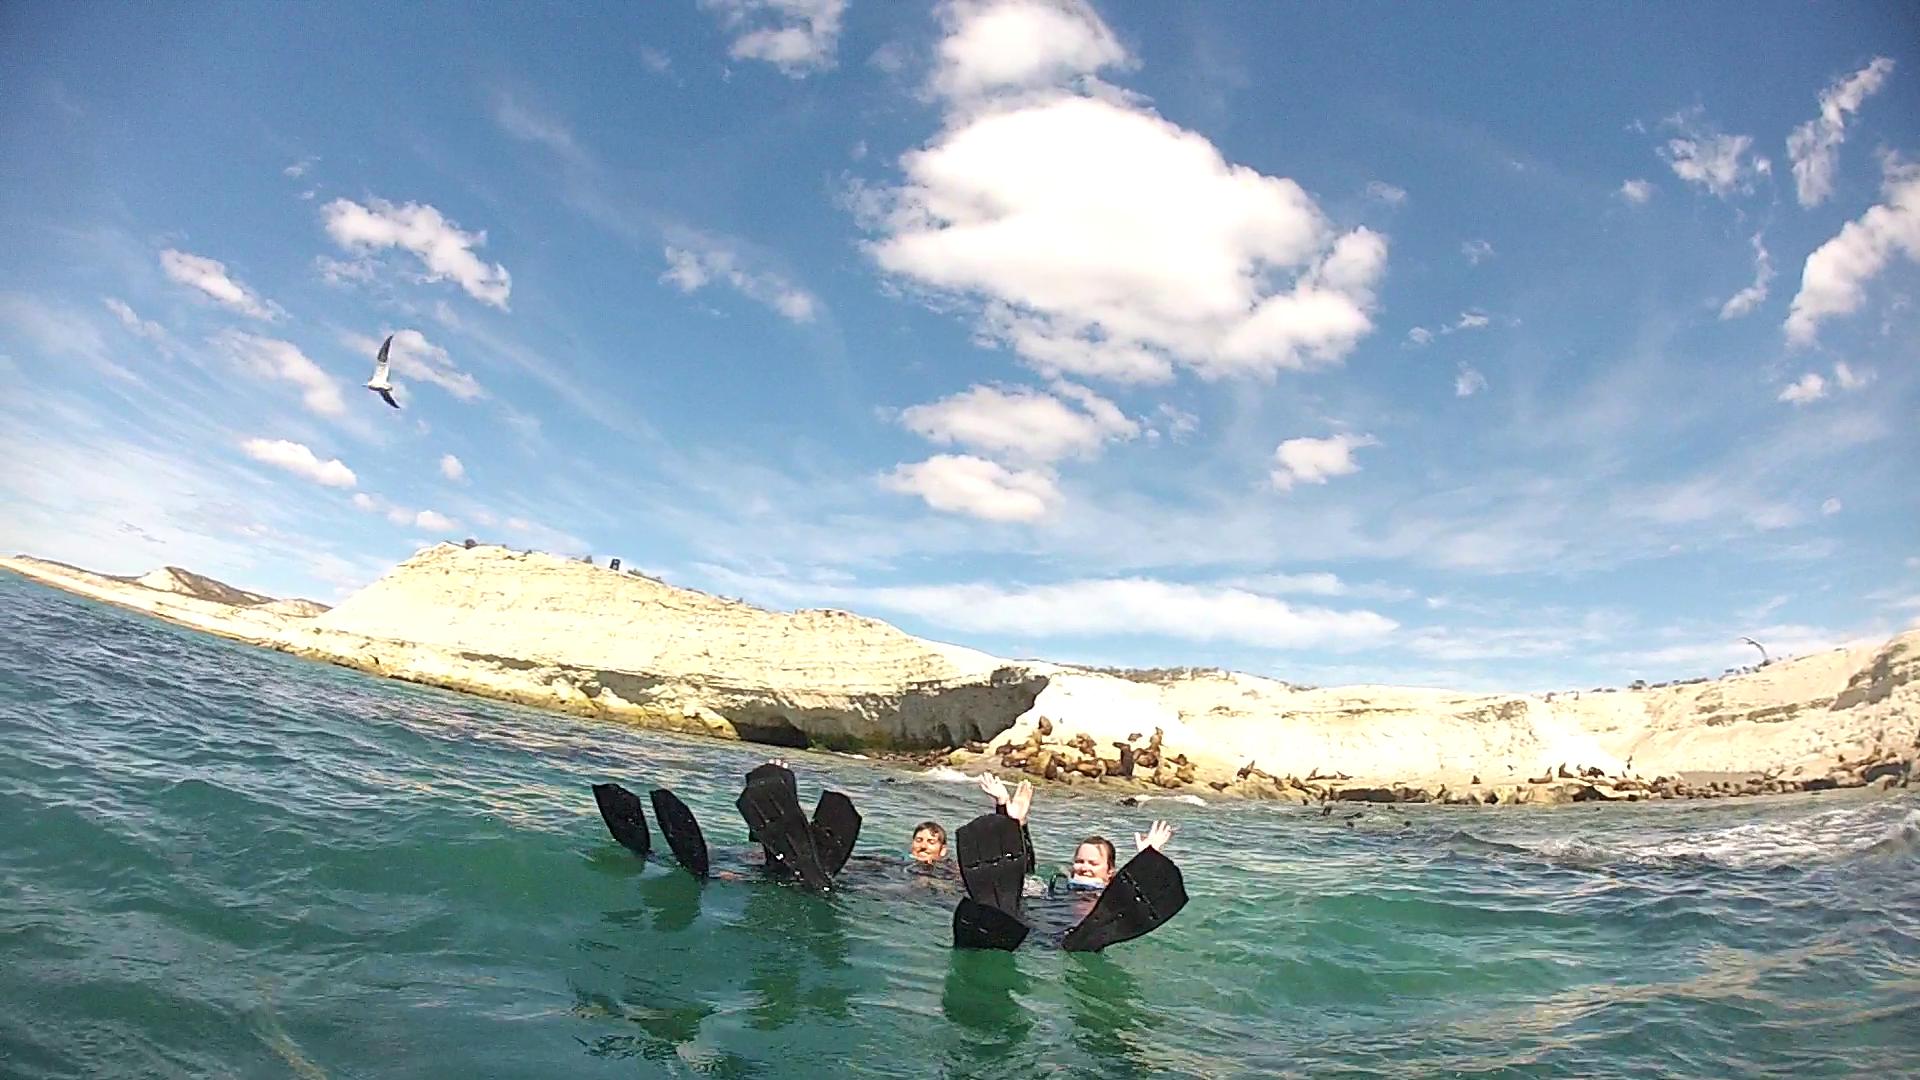 Pratique des techniques de nage - Lobo Larsen - Puerto Madryn, Argentine